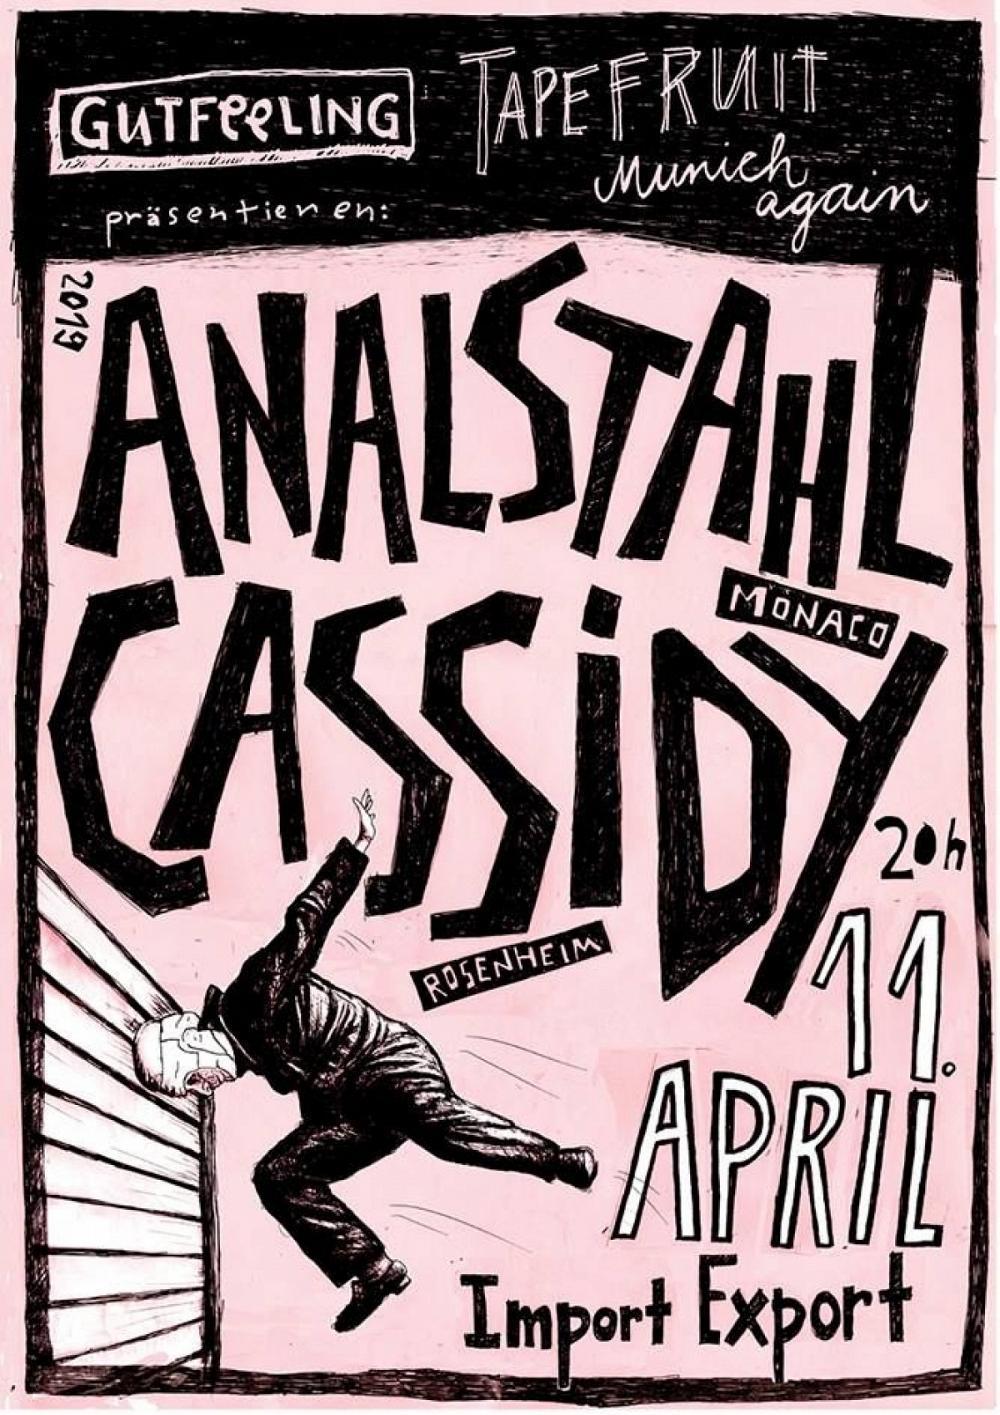 Tapefruit Konzert: Analstahl + Cassidy | 11.04.2019 @ Import Export